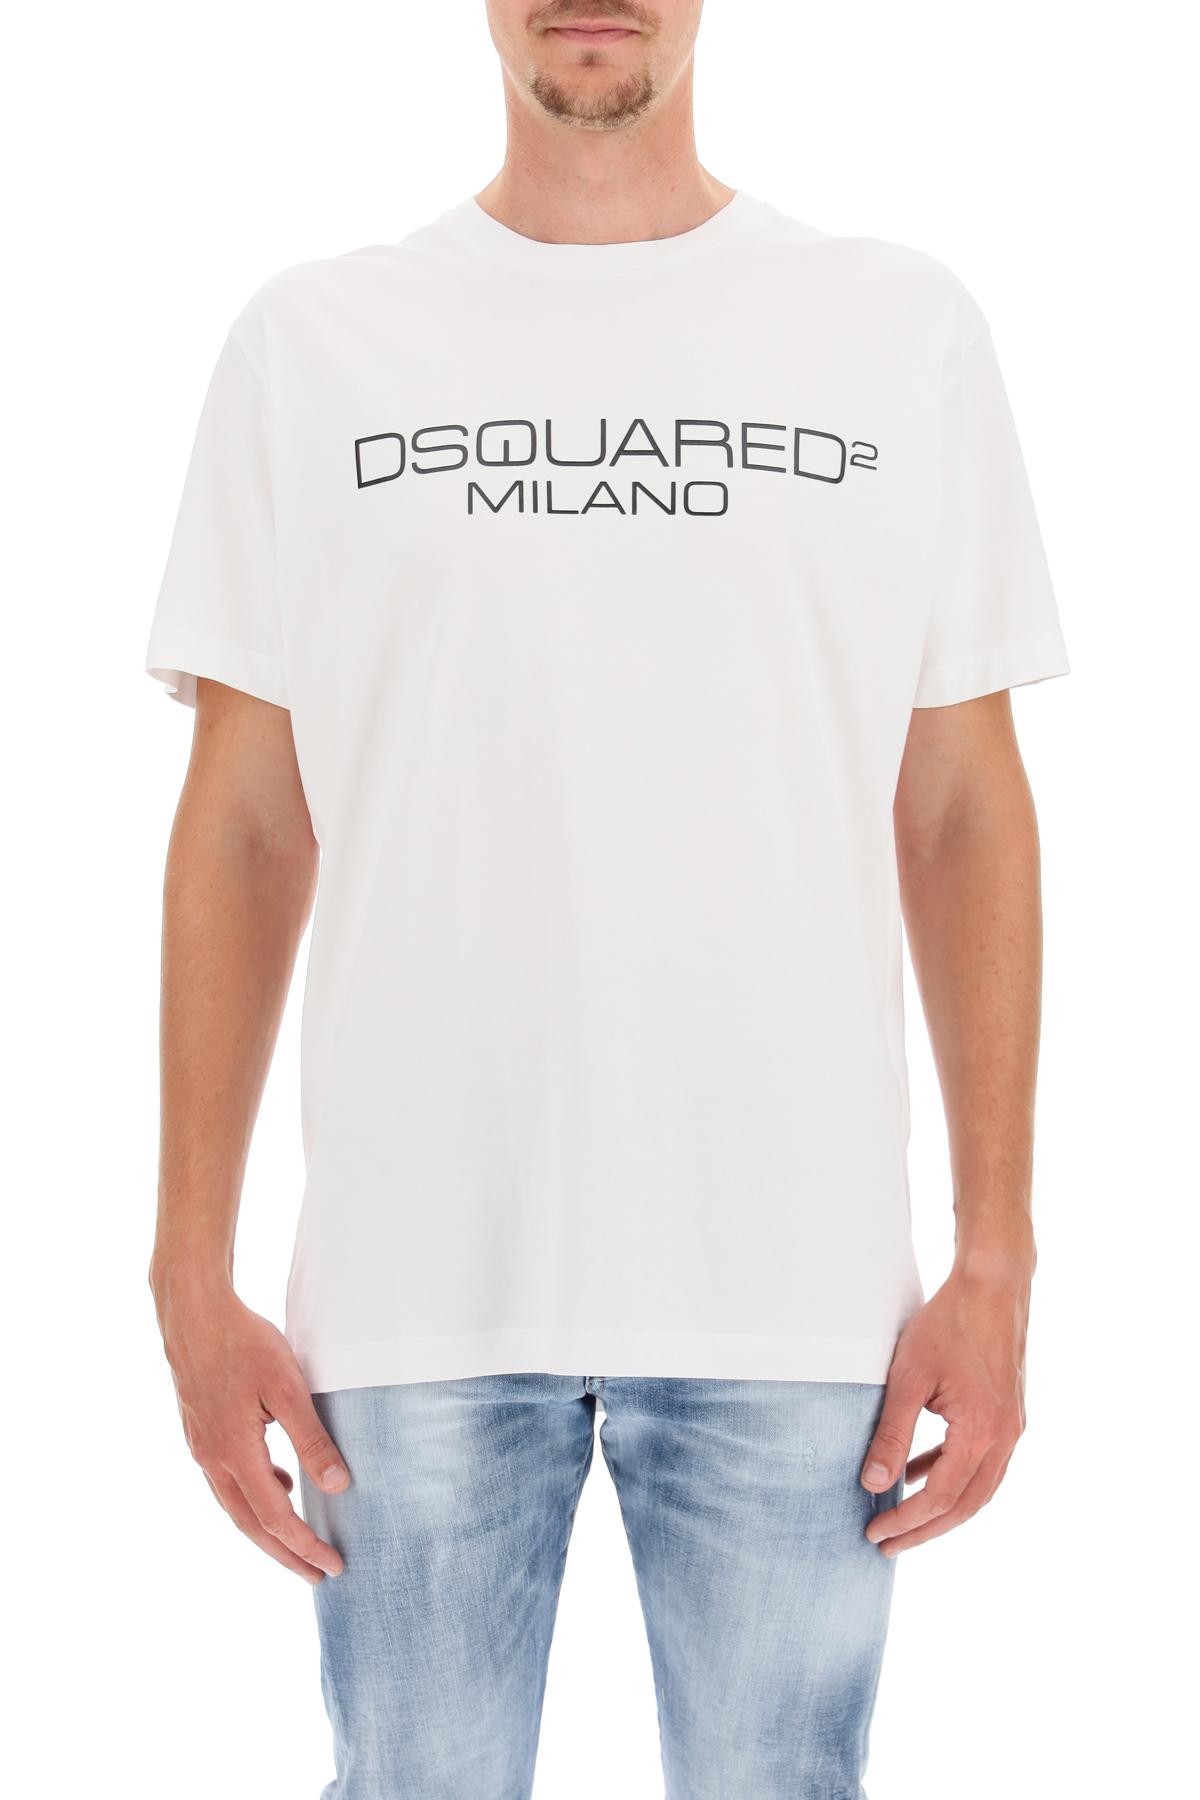 Dsquared2 t-shirt stampa logo milano